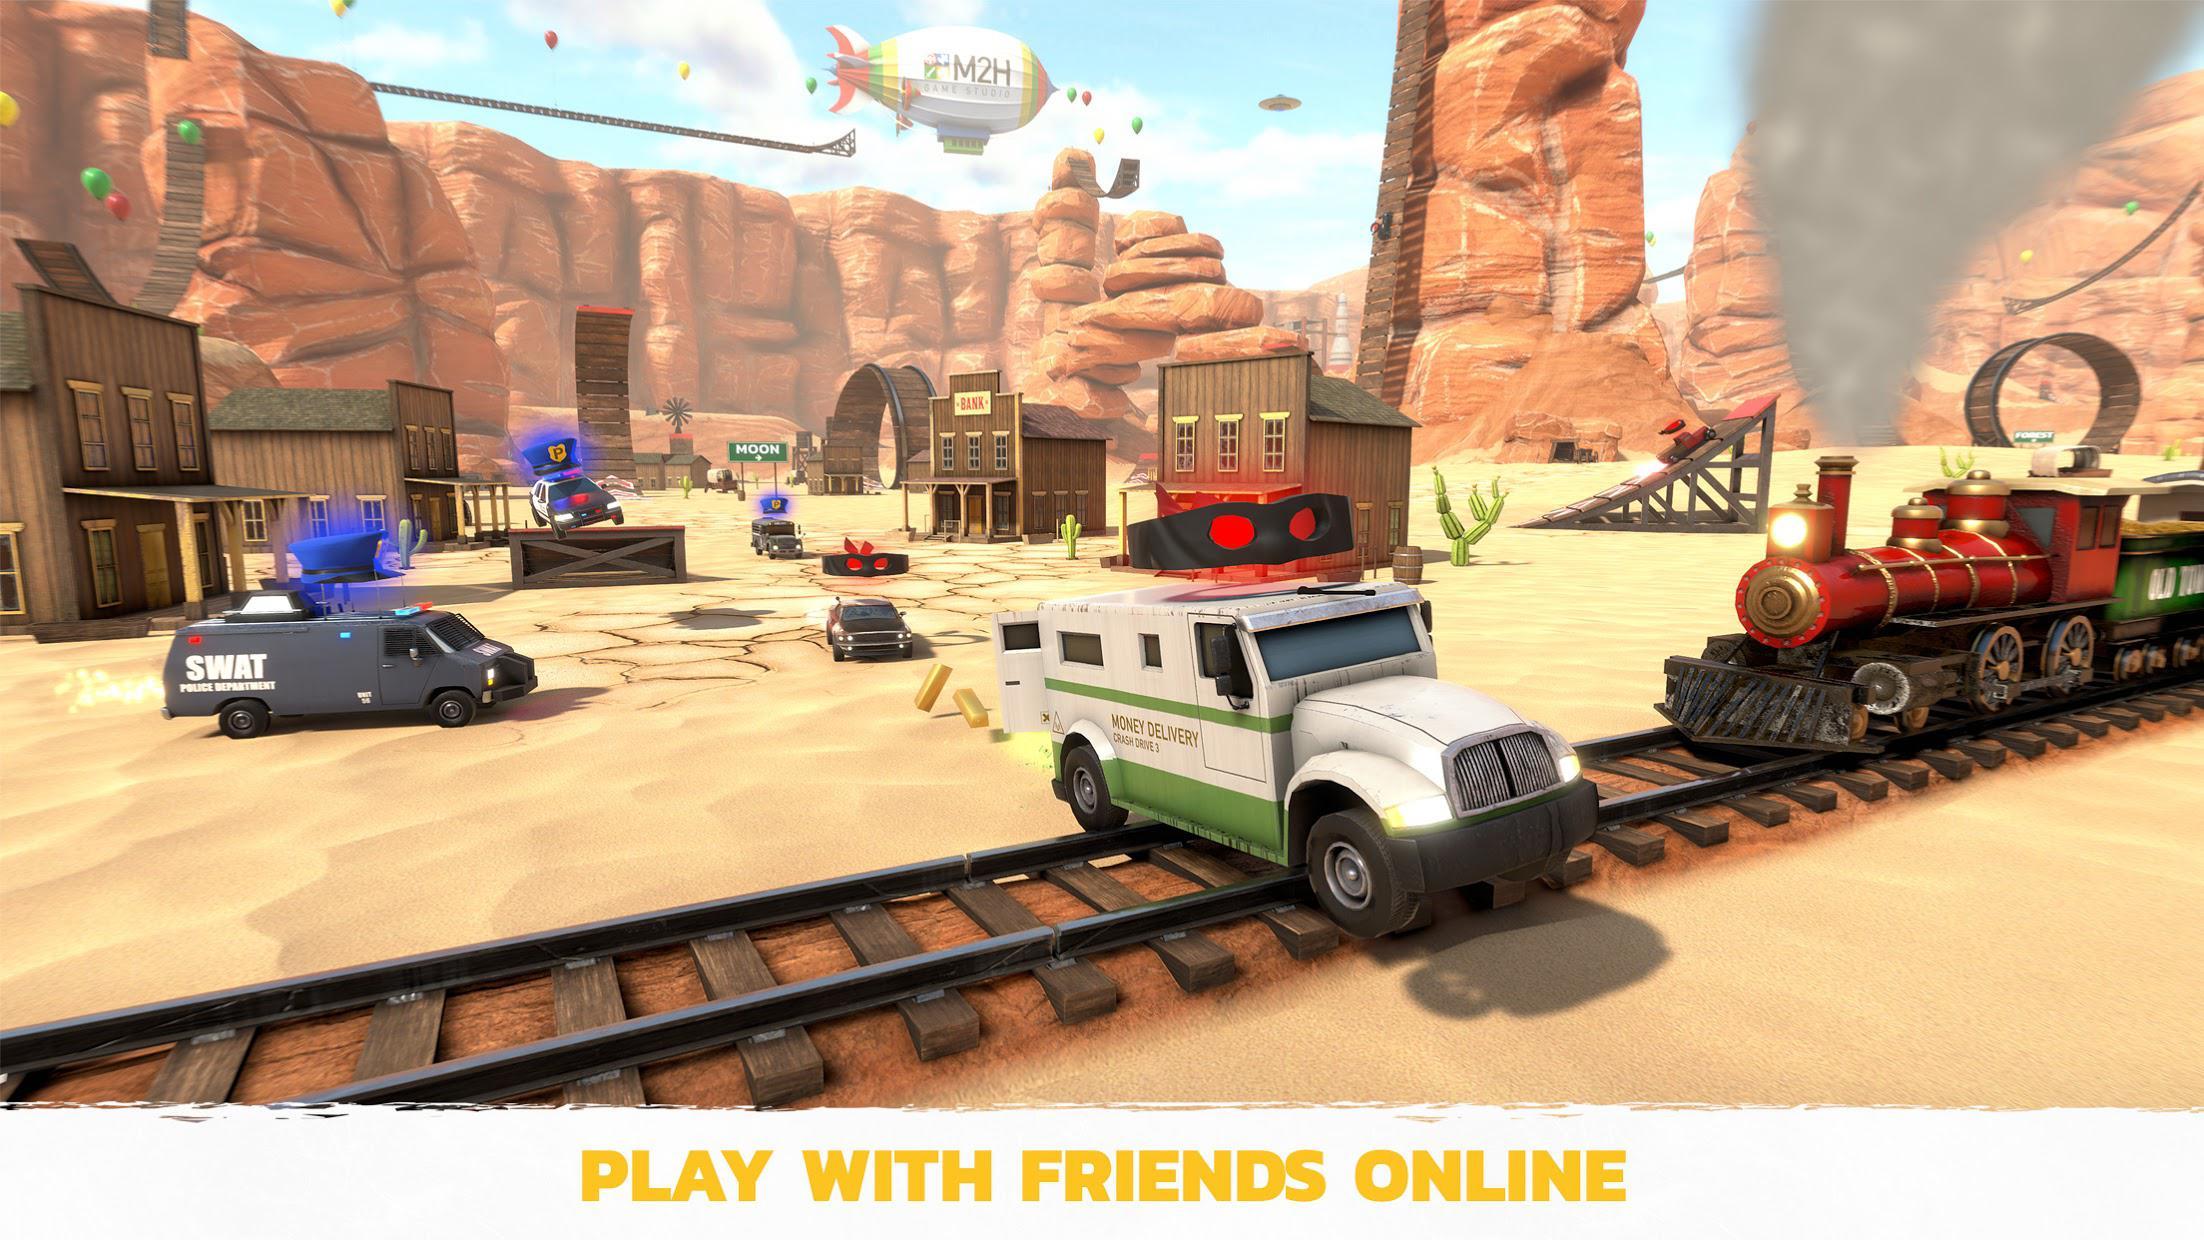 疯狂驾驶3(Crash Drive 3) 游戏截图1